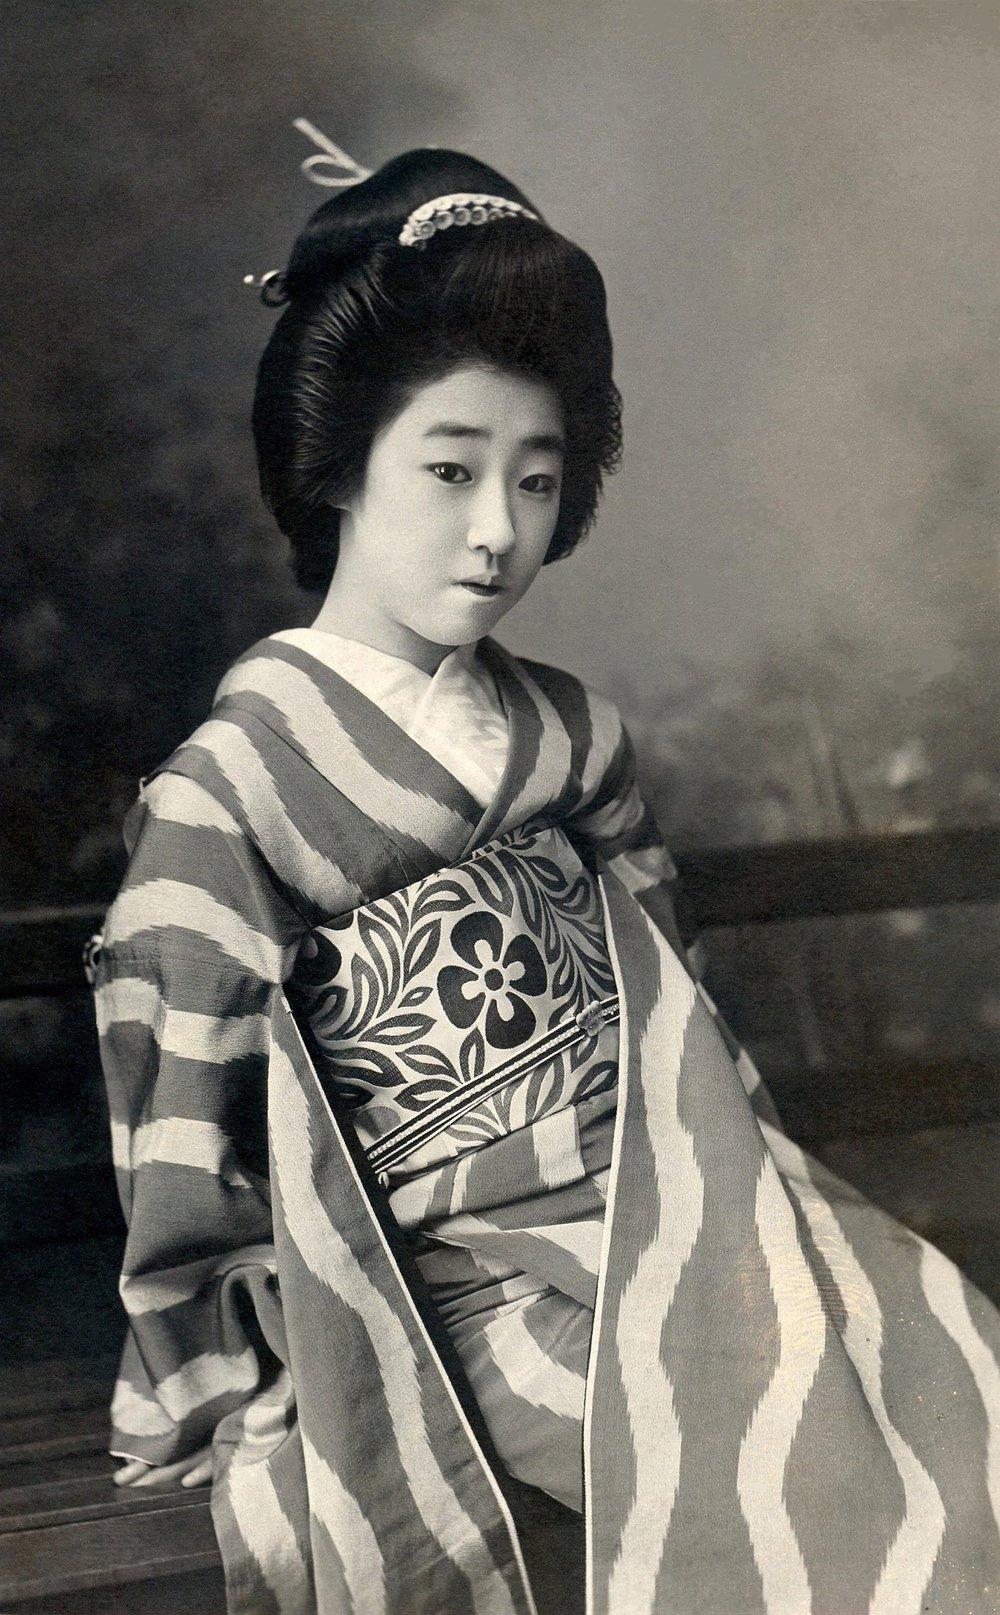 geisha-439321_1920.jpg